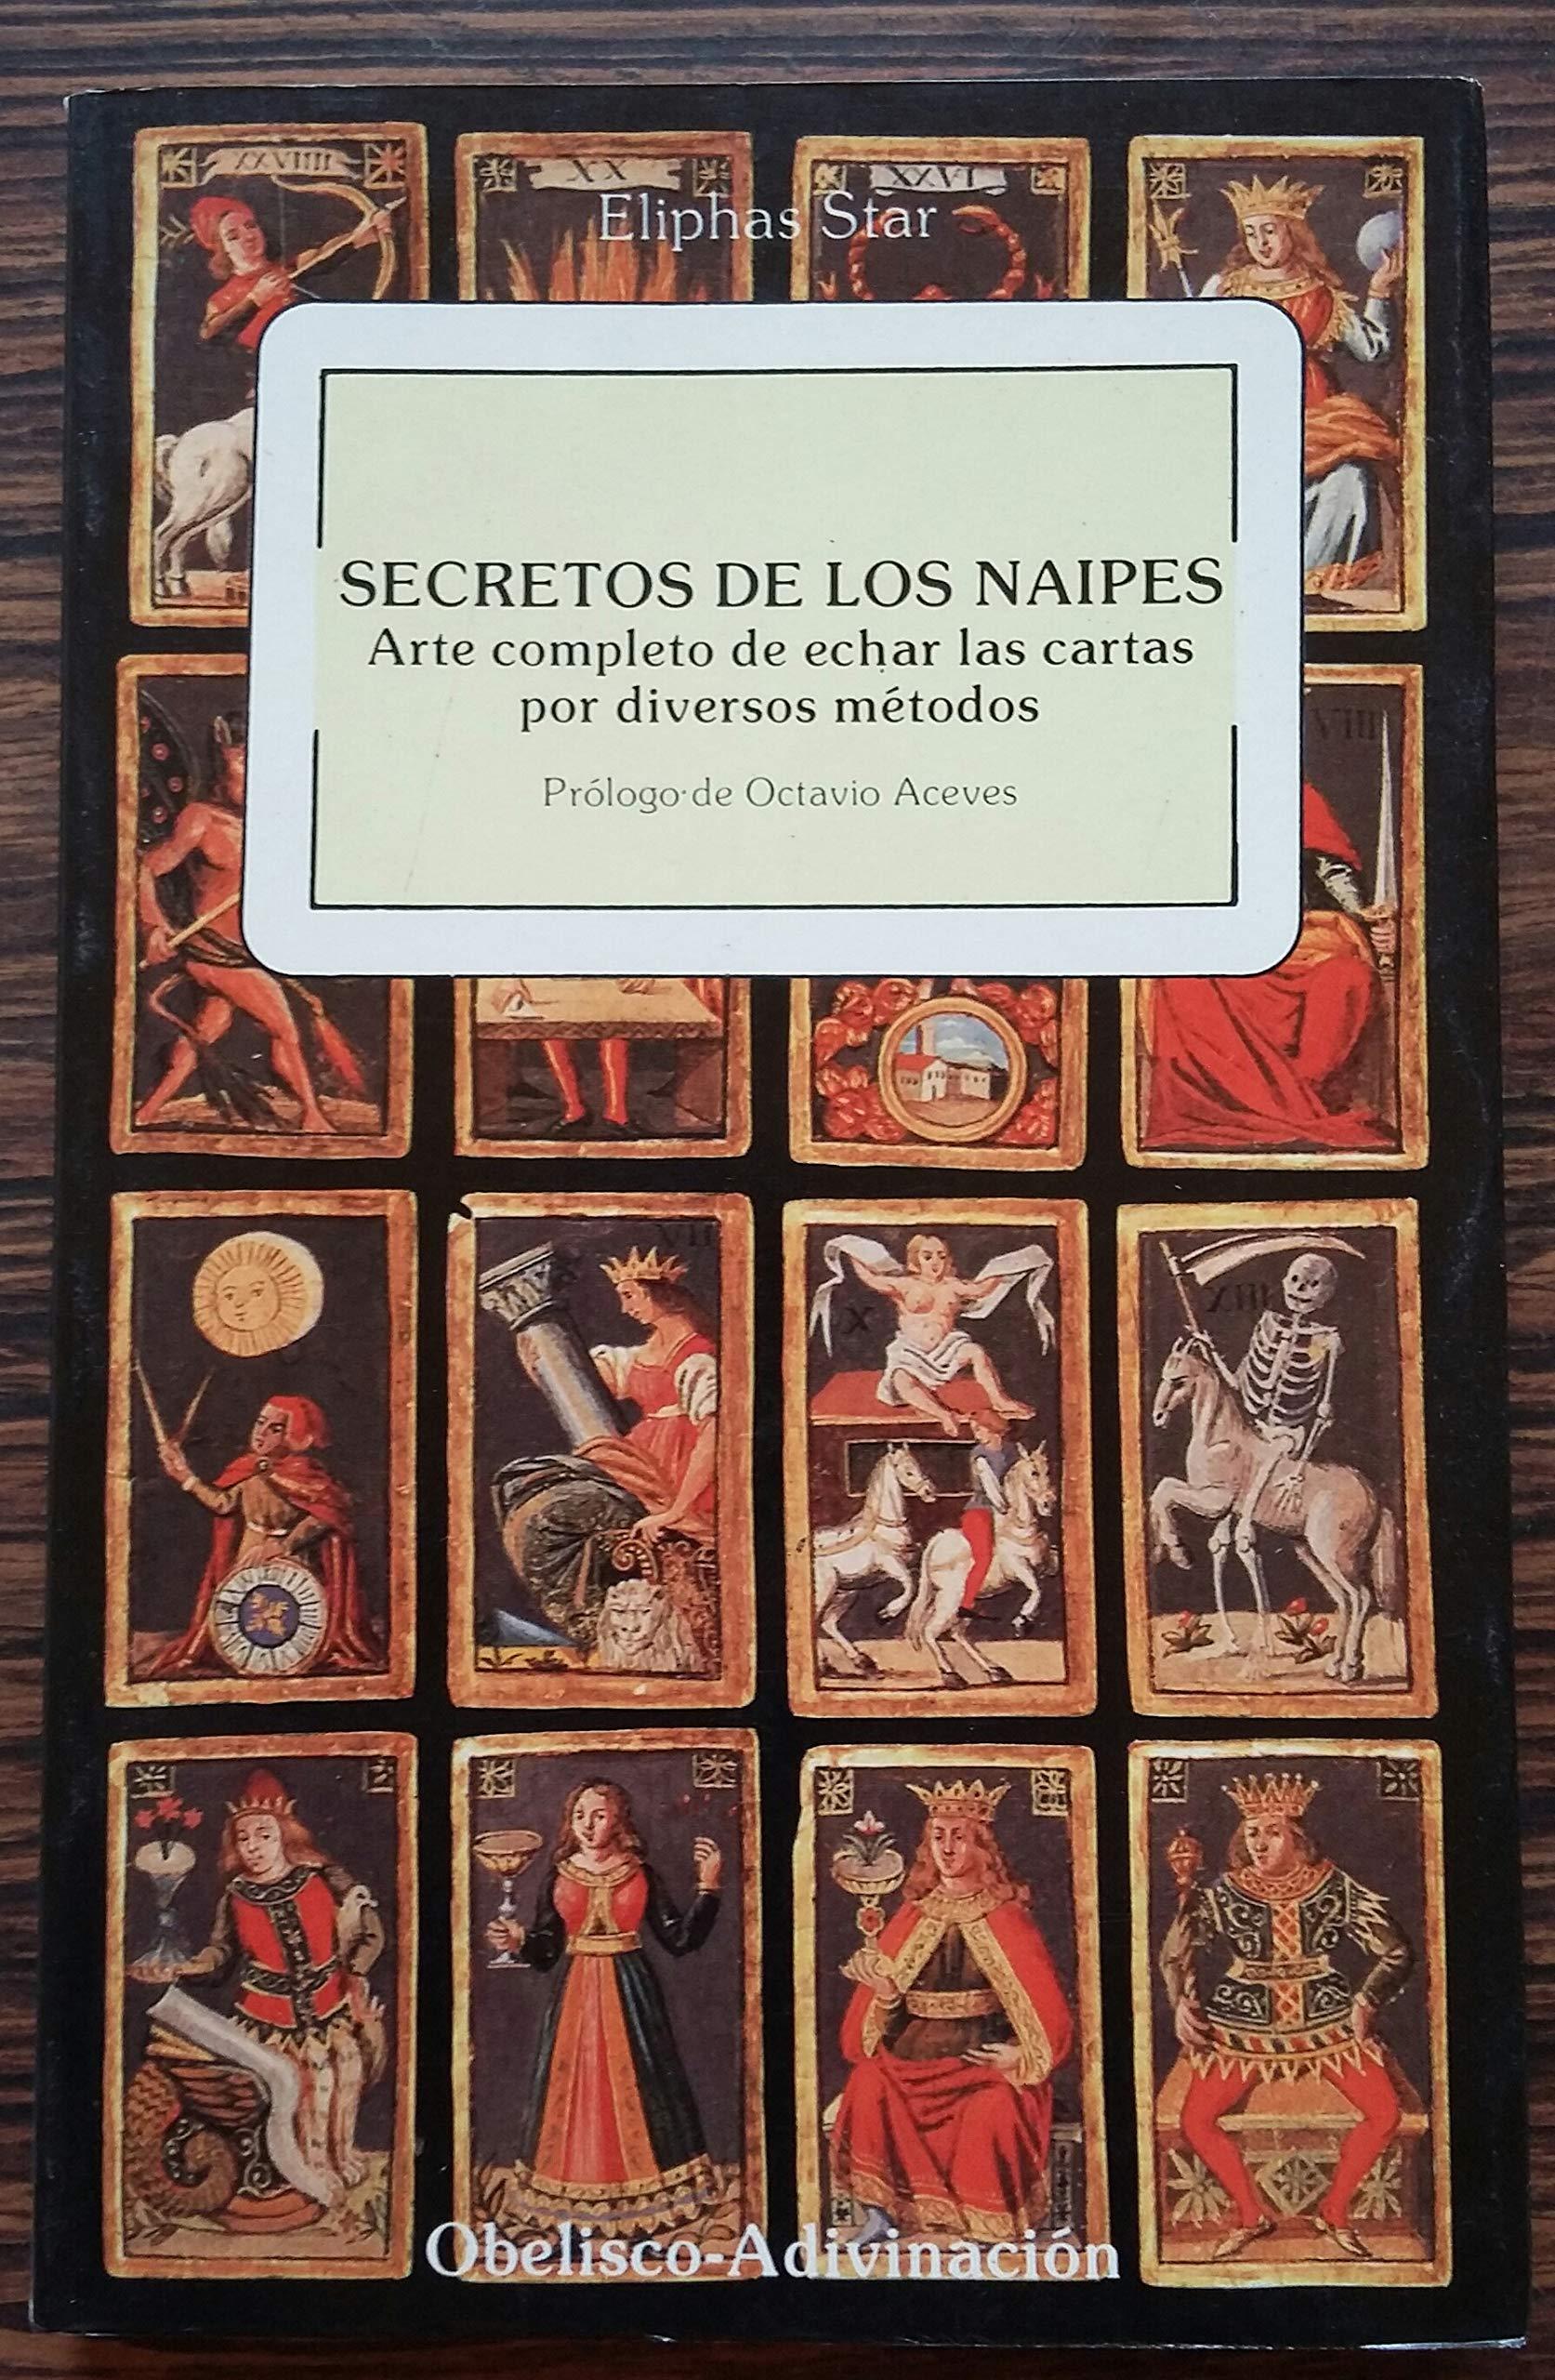 Secretos De Los Naipes: Arte completo de echar las cartas ...